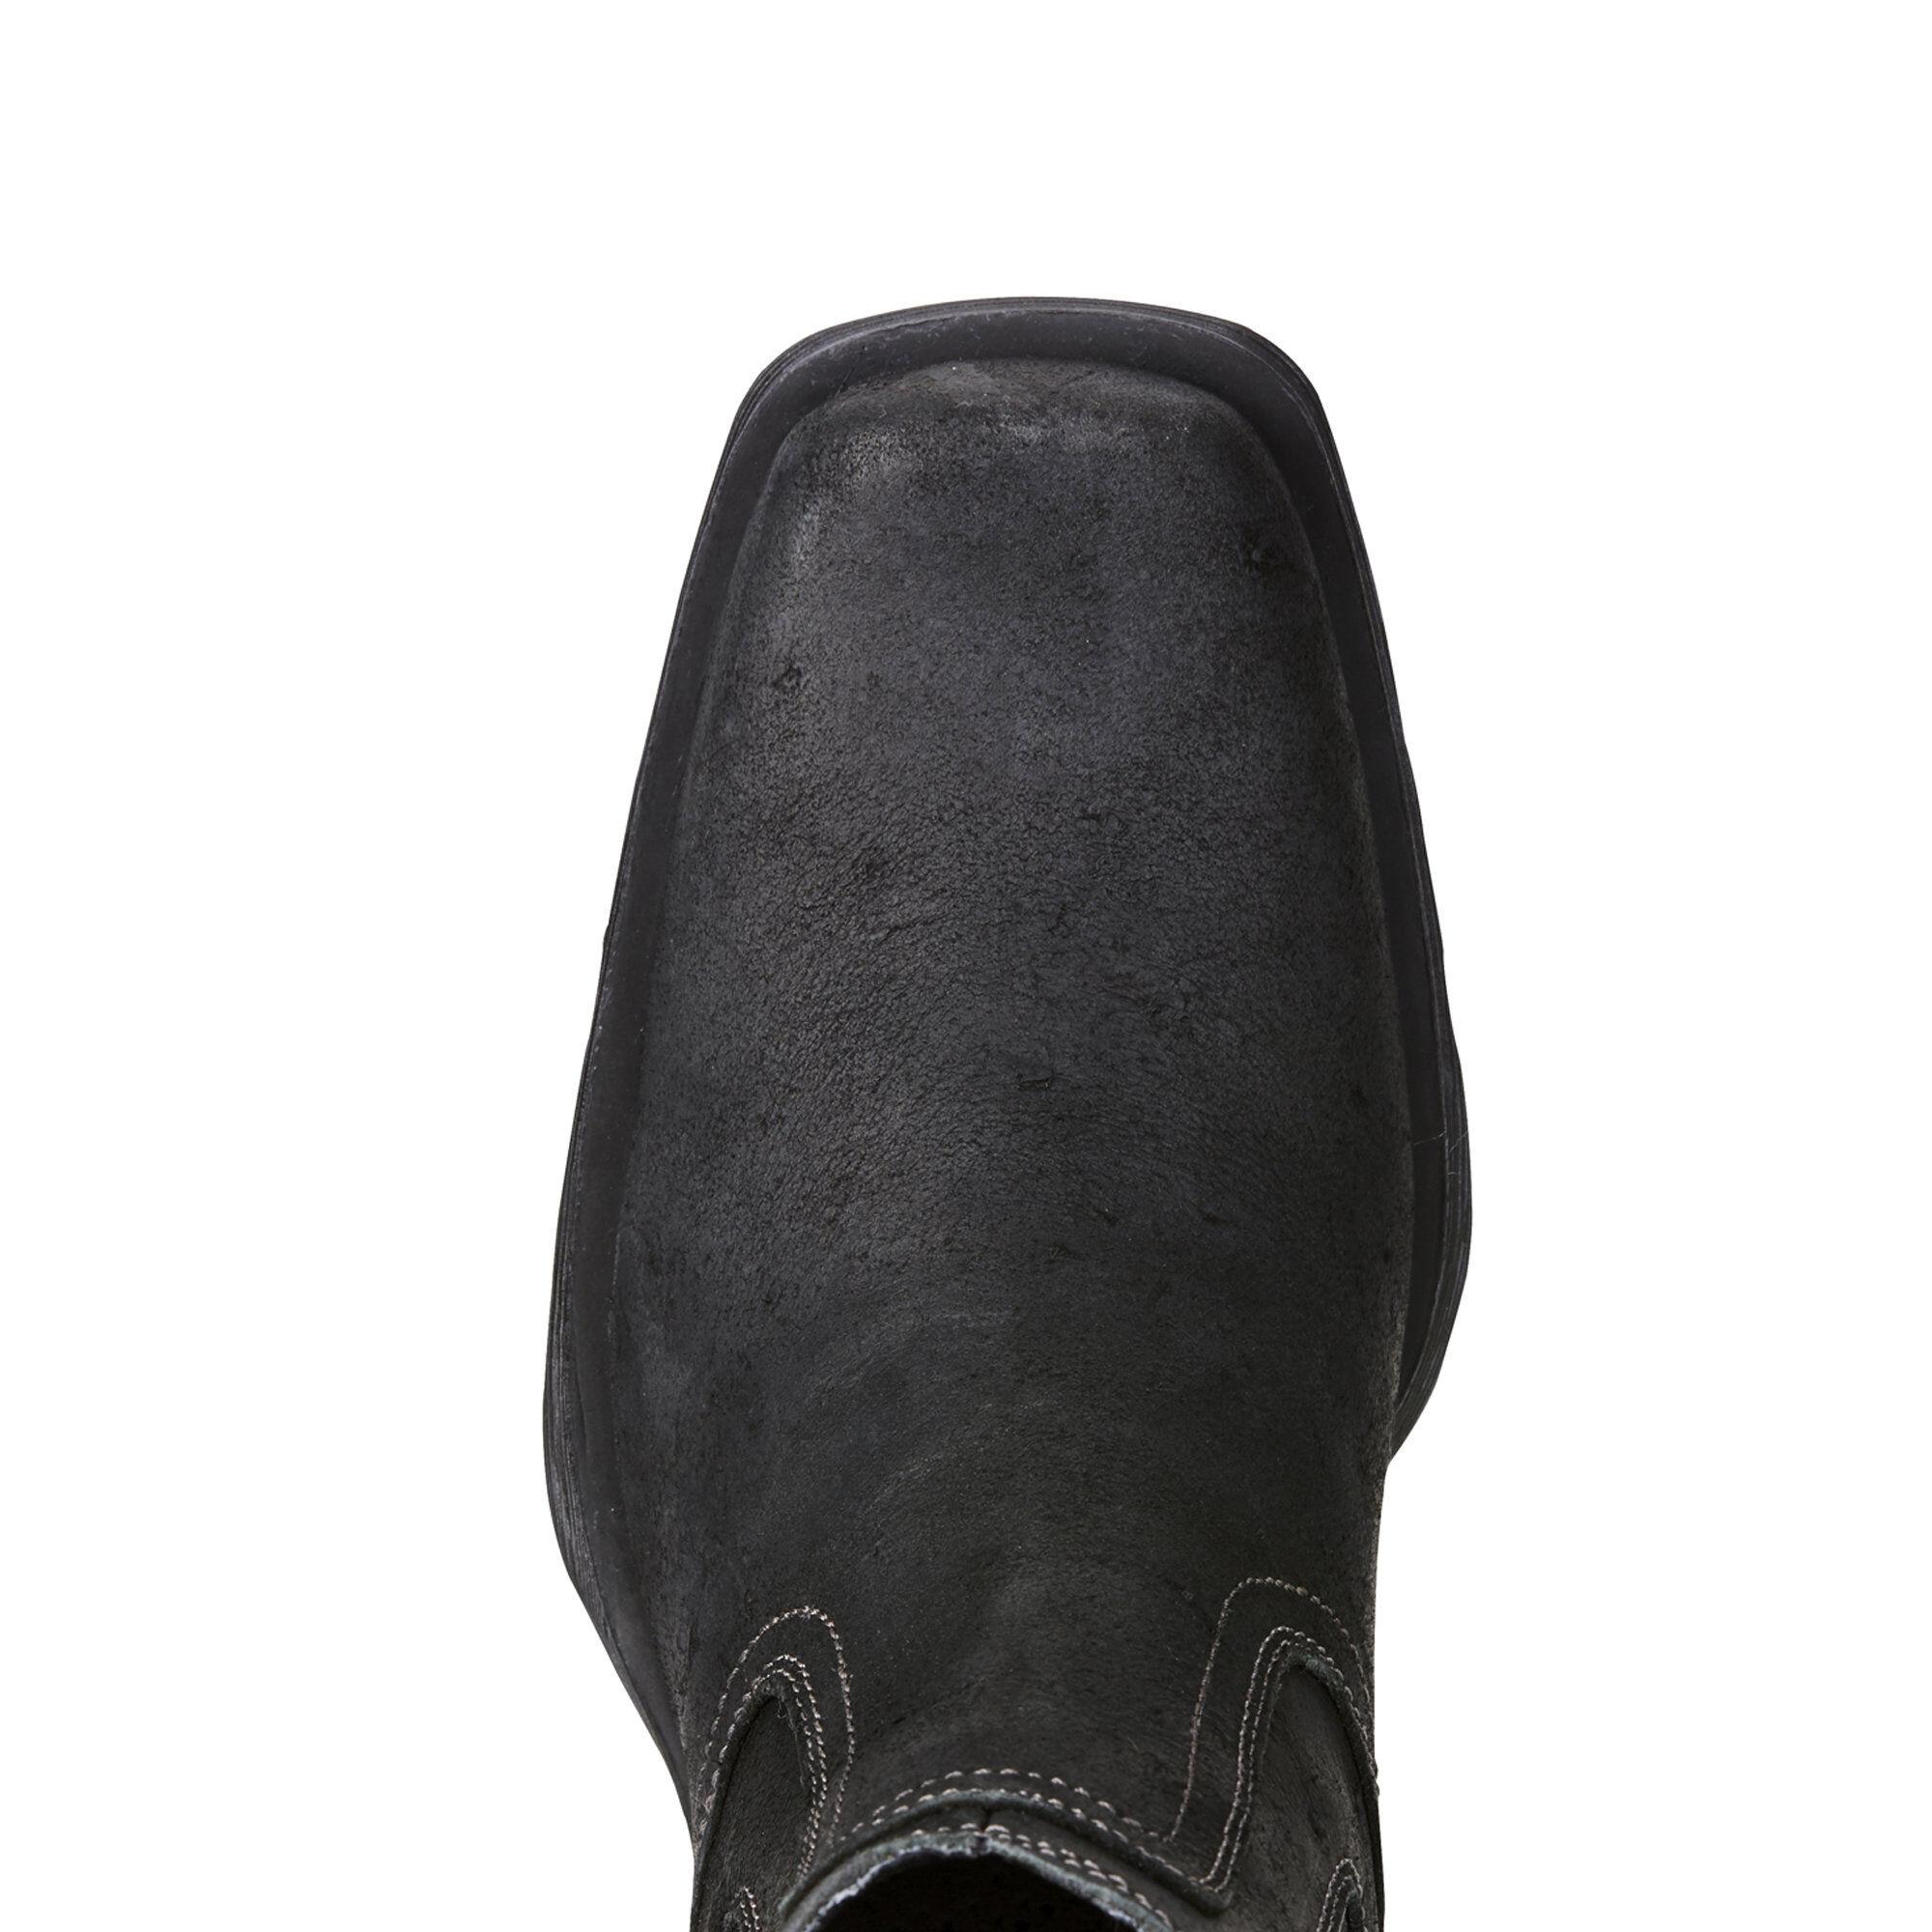 fd2132267df2a Images. Midtown Rambler Boot